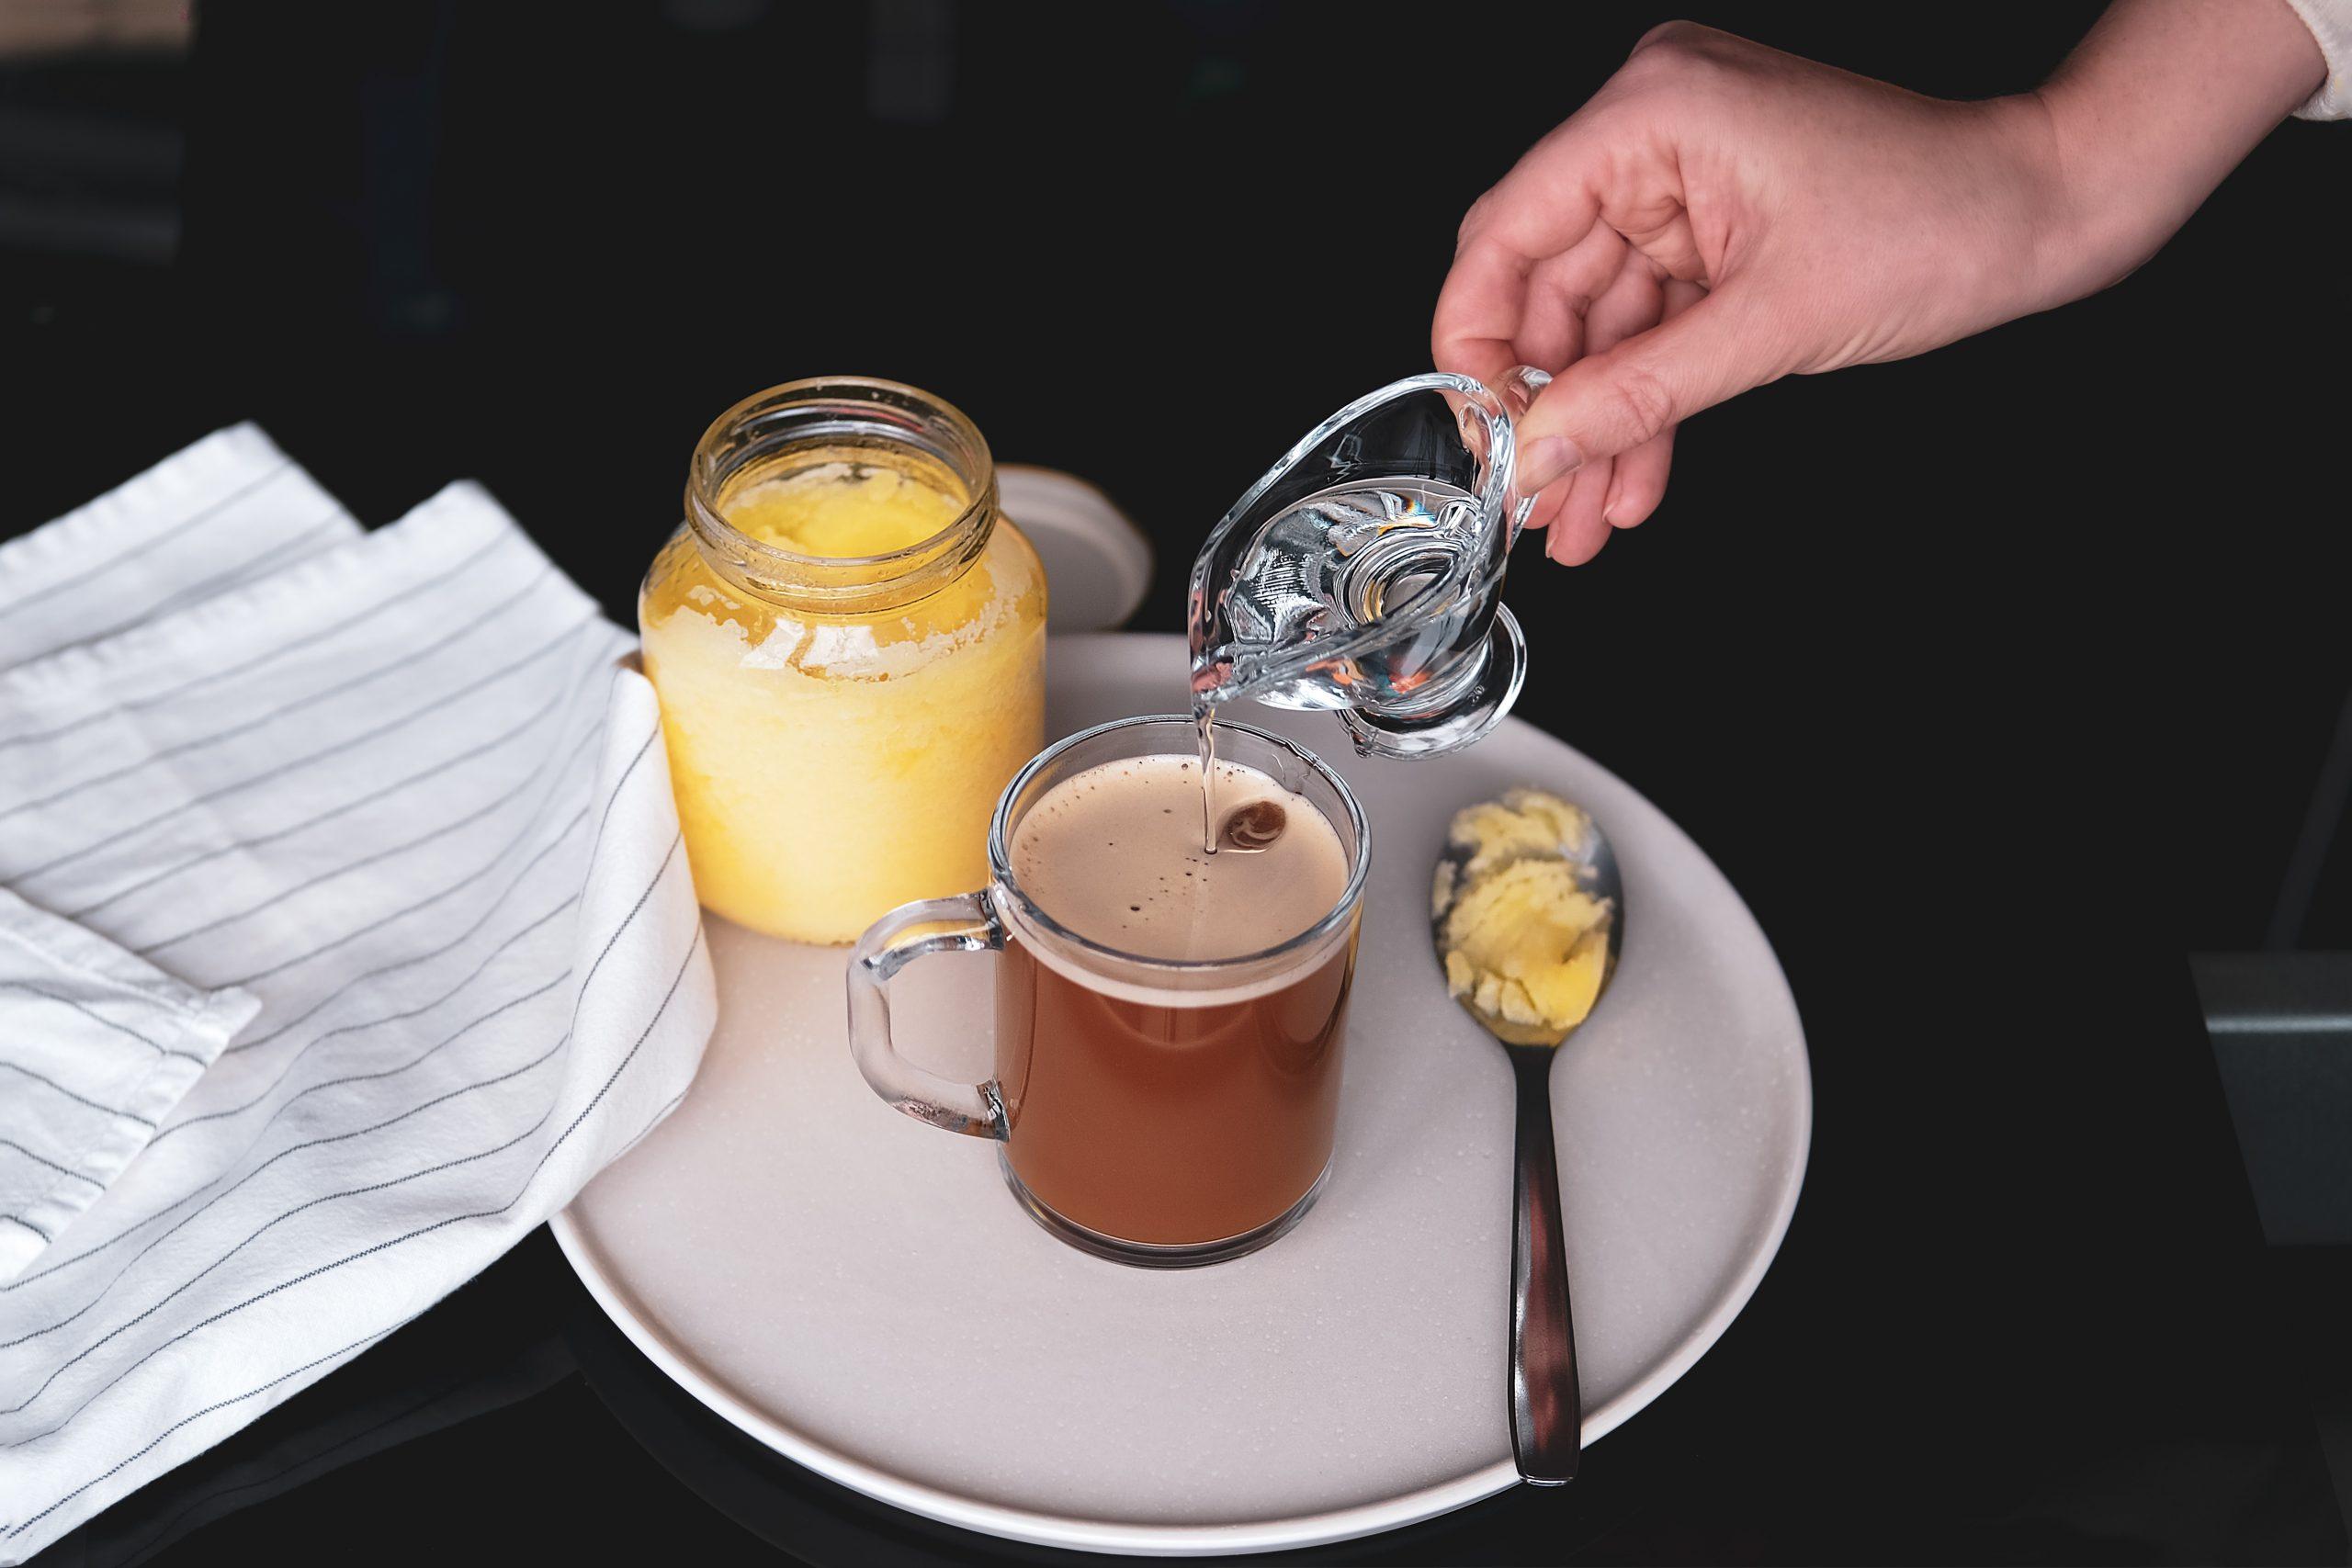 MCTオイルといえばバターコーヒーダイエット!美味しく作るレシピとおすすめツール